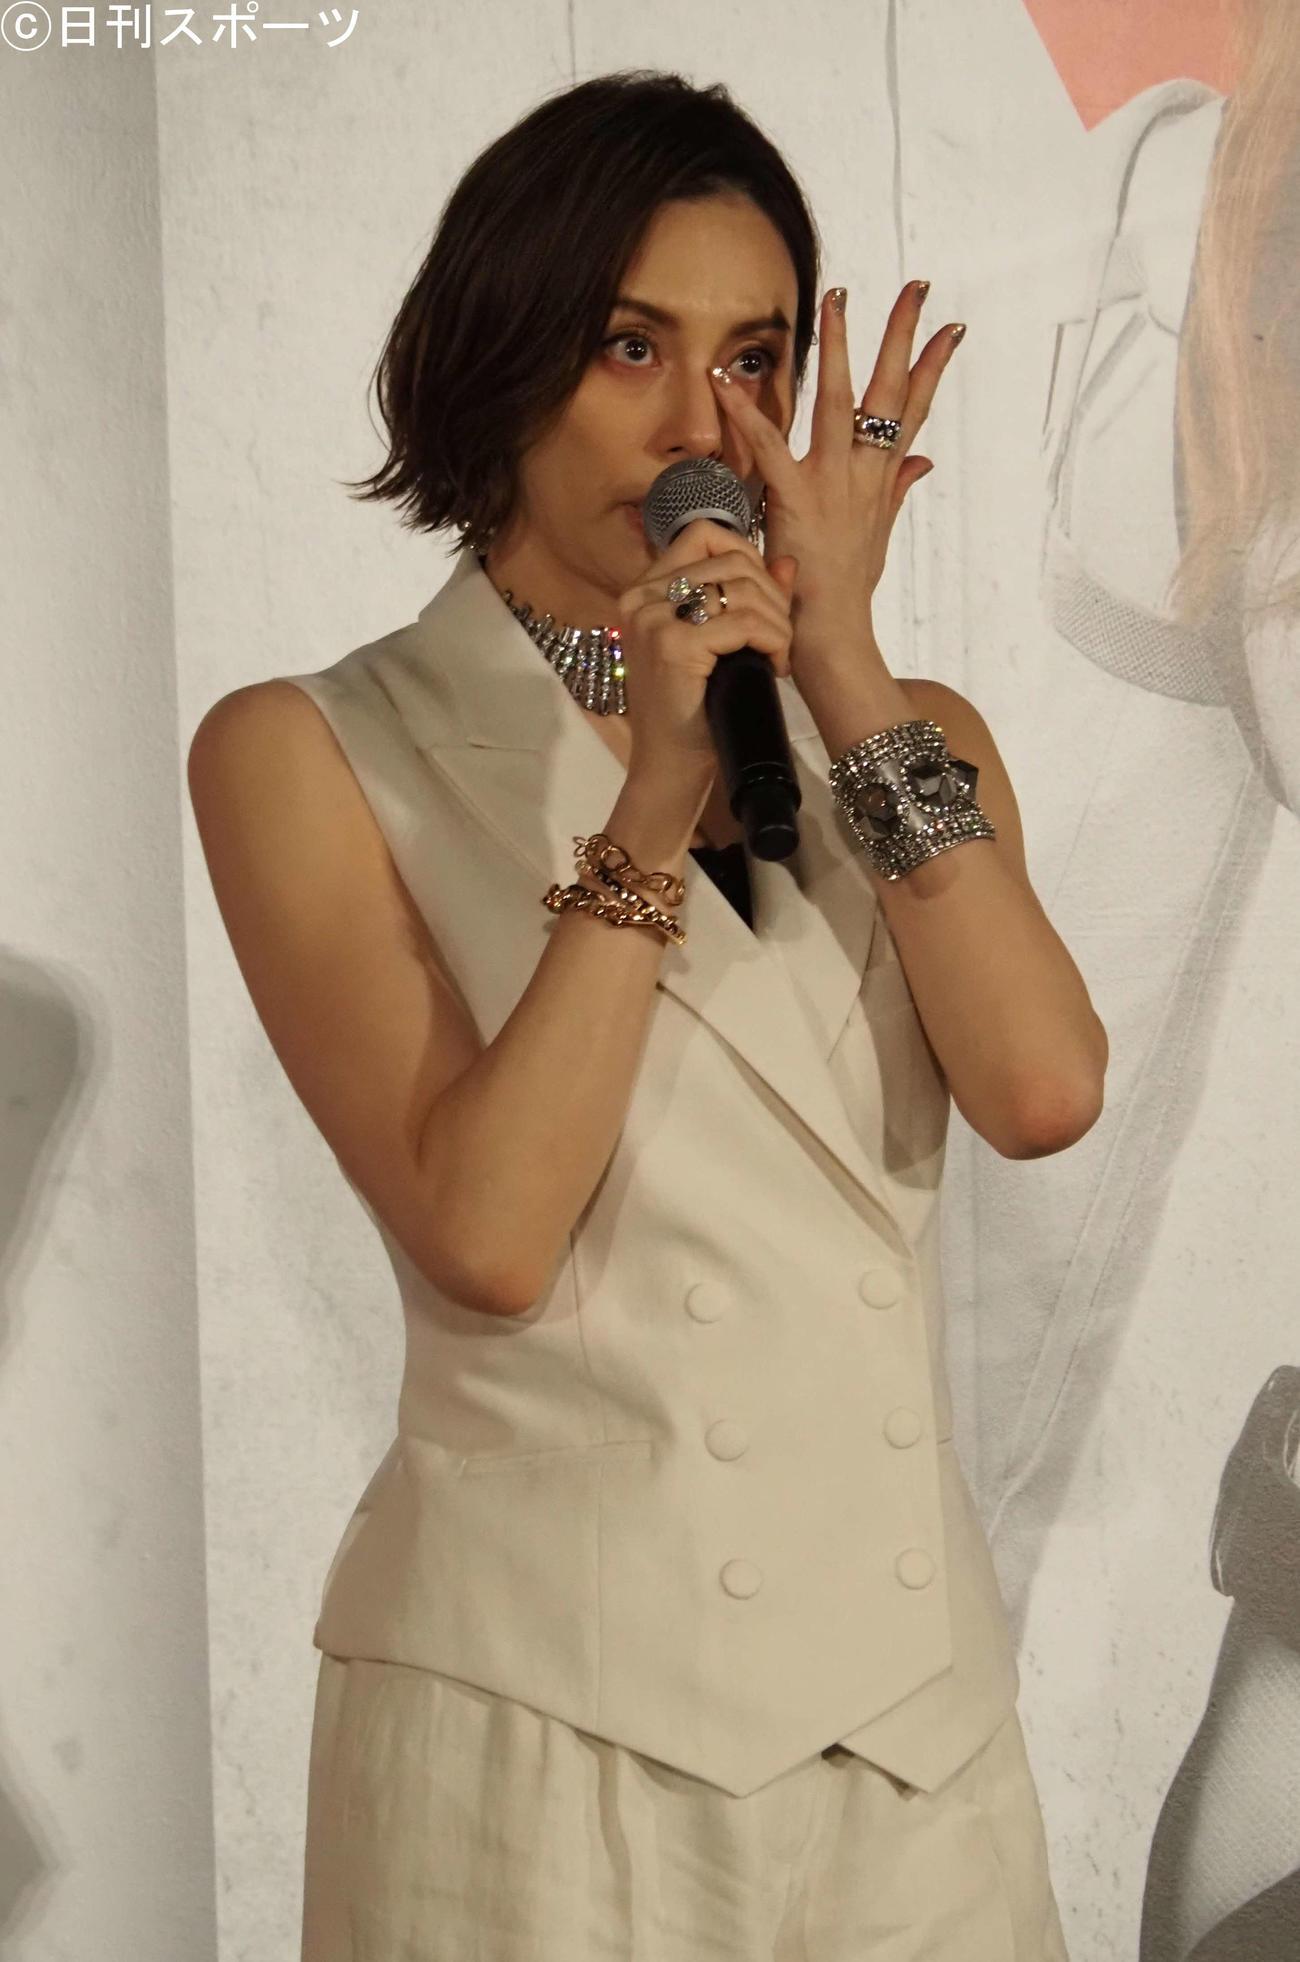 スカーレット・ヨハンソンからのビデオメッセージに涙する米倉涼子(撮影・遠藤尚子)